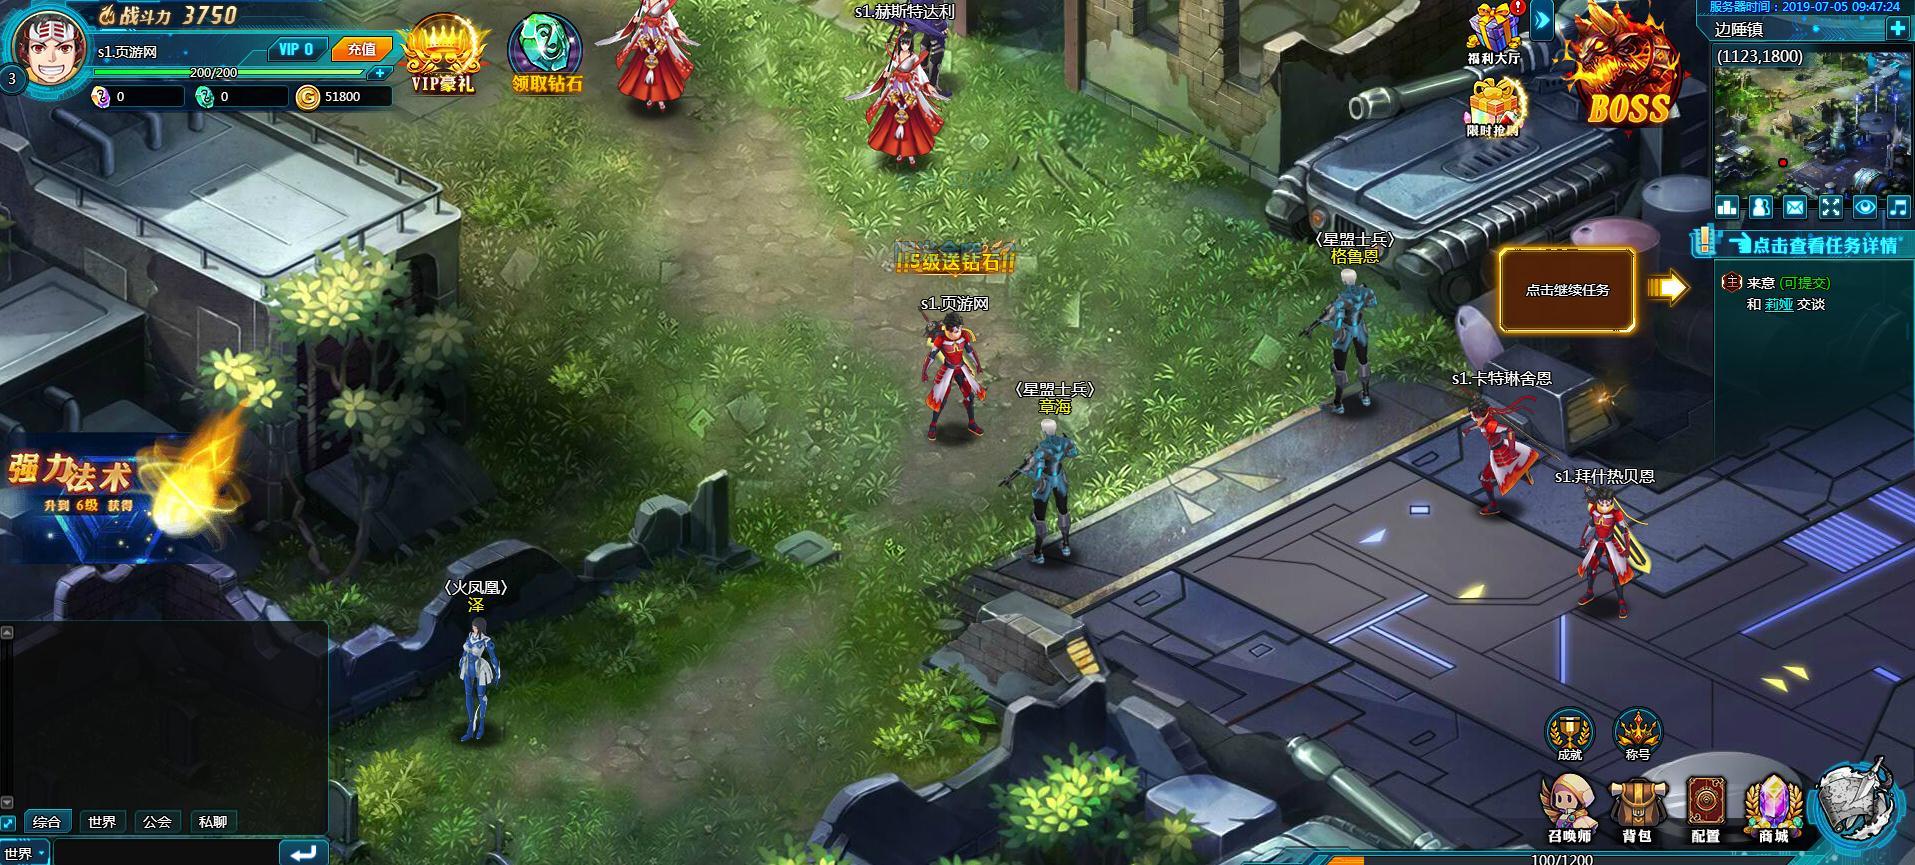 《命运fgo》游戏截图